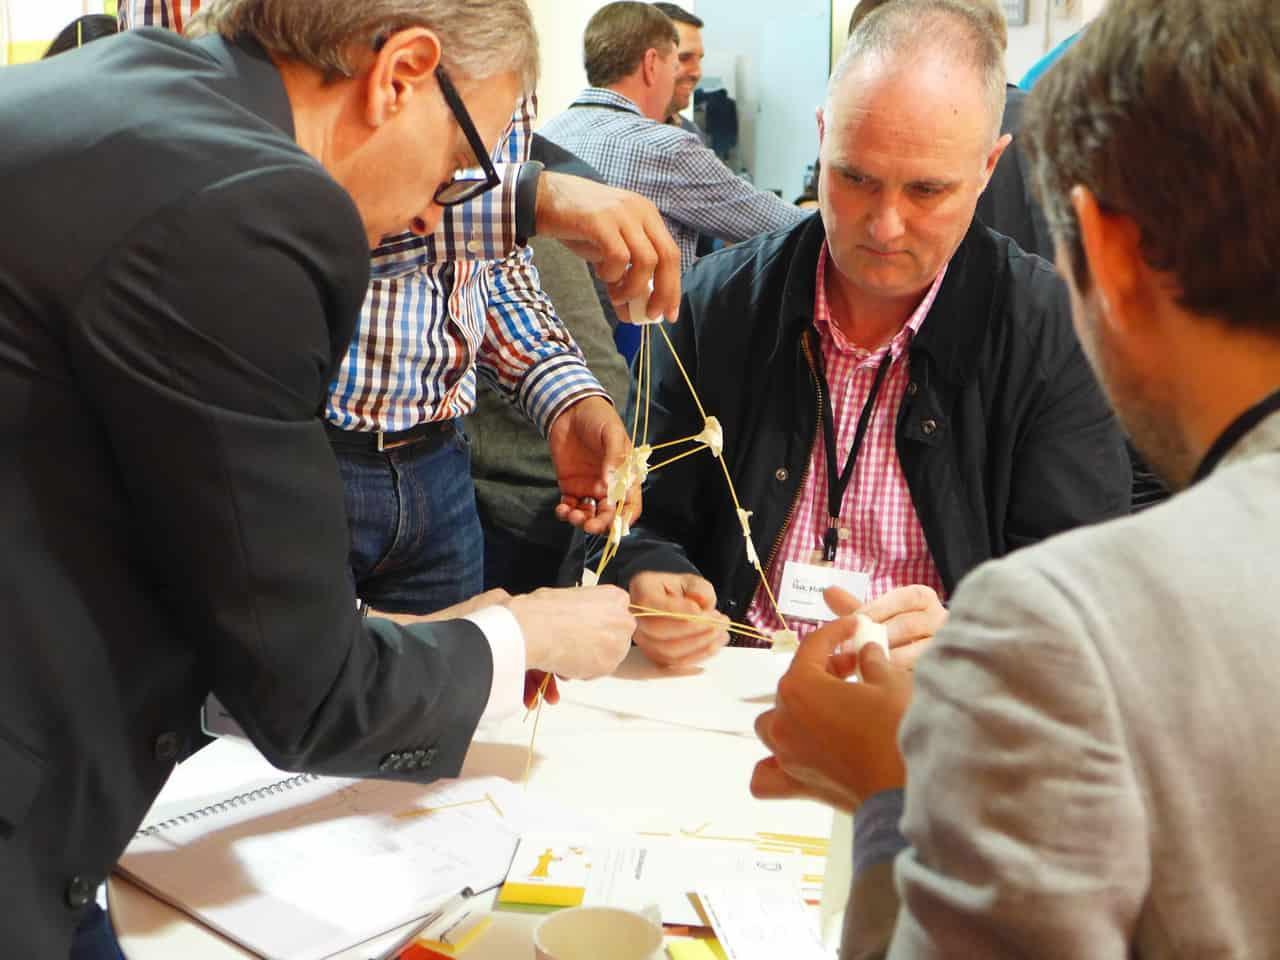 Teilnehmer eines Design Thinking Workshops lernen andere agile Methoden in der Praxis kennen